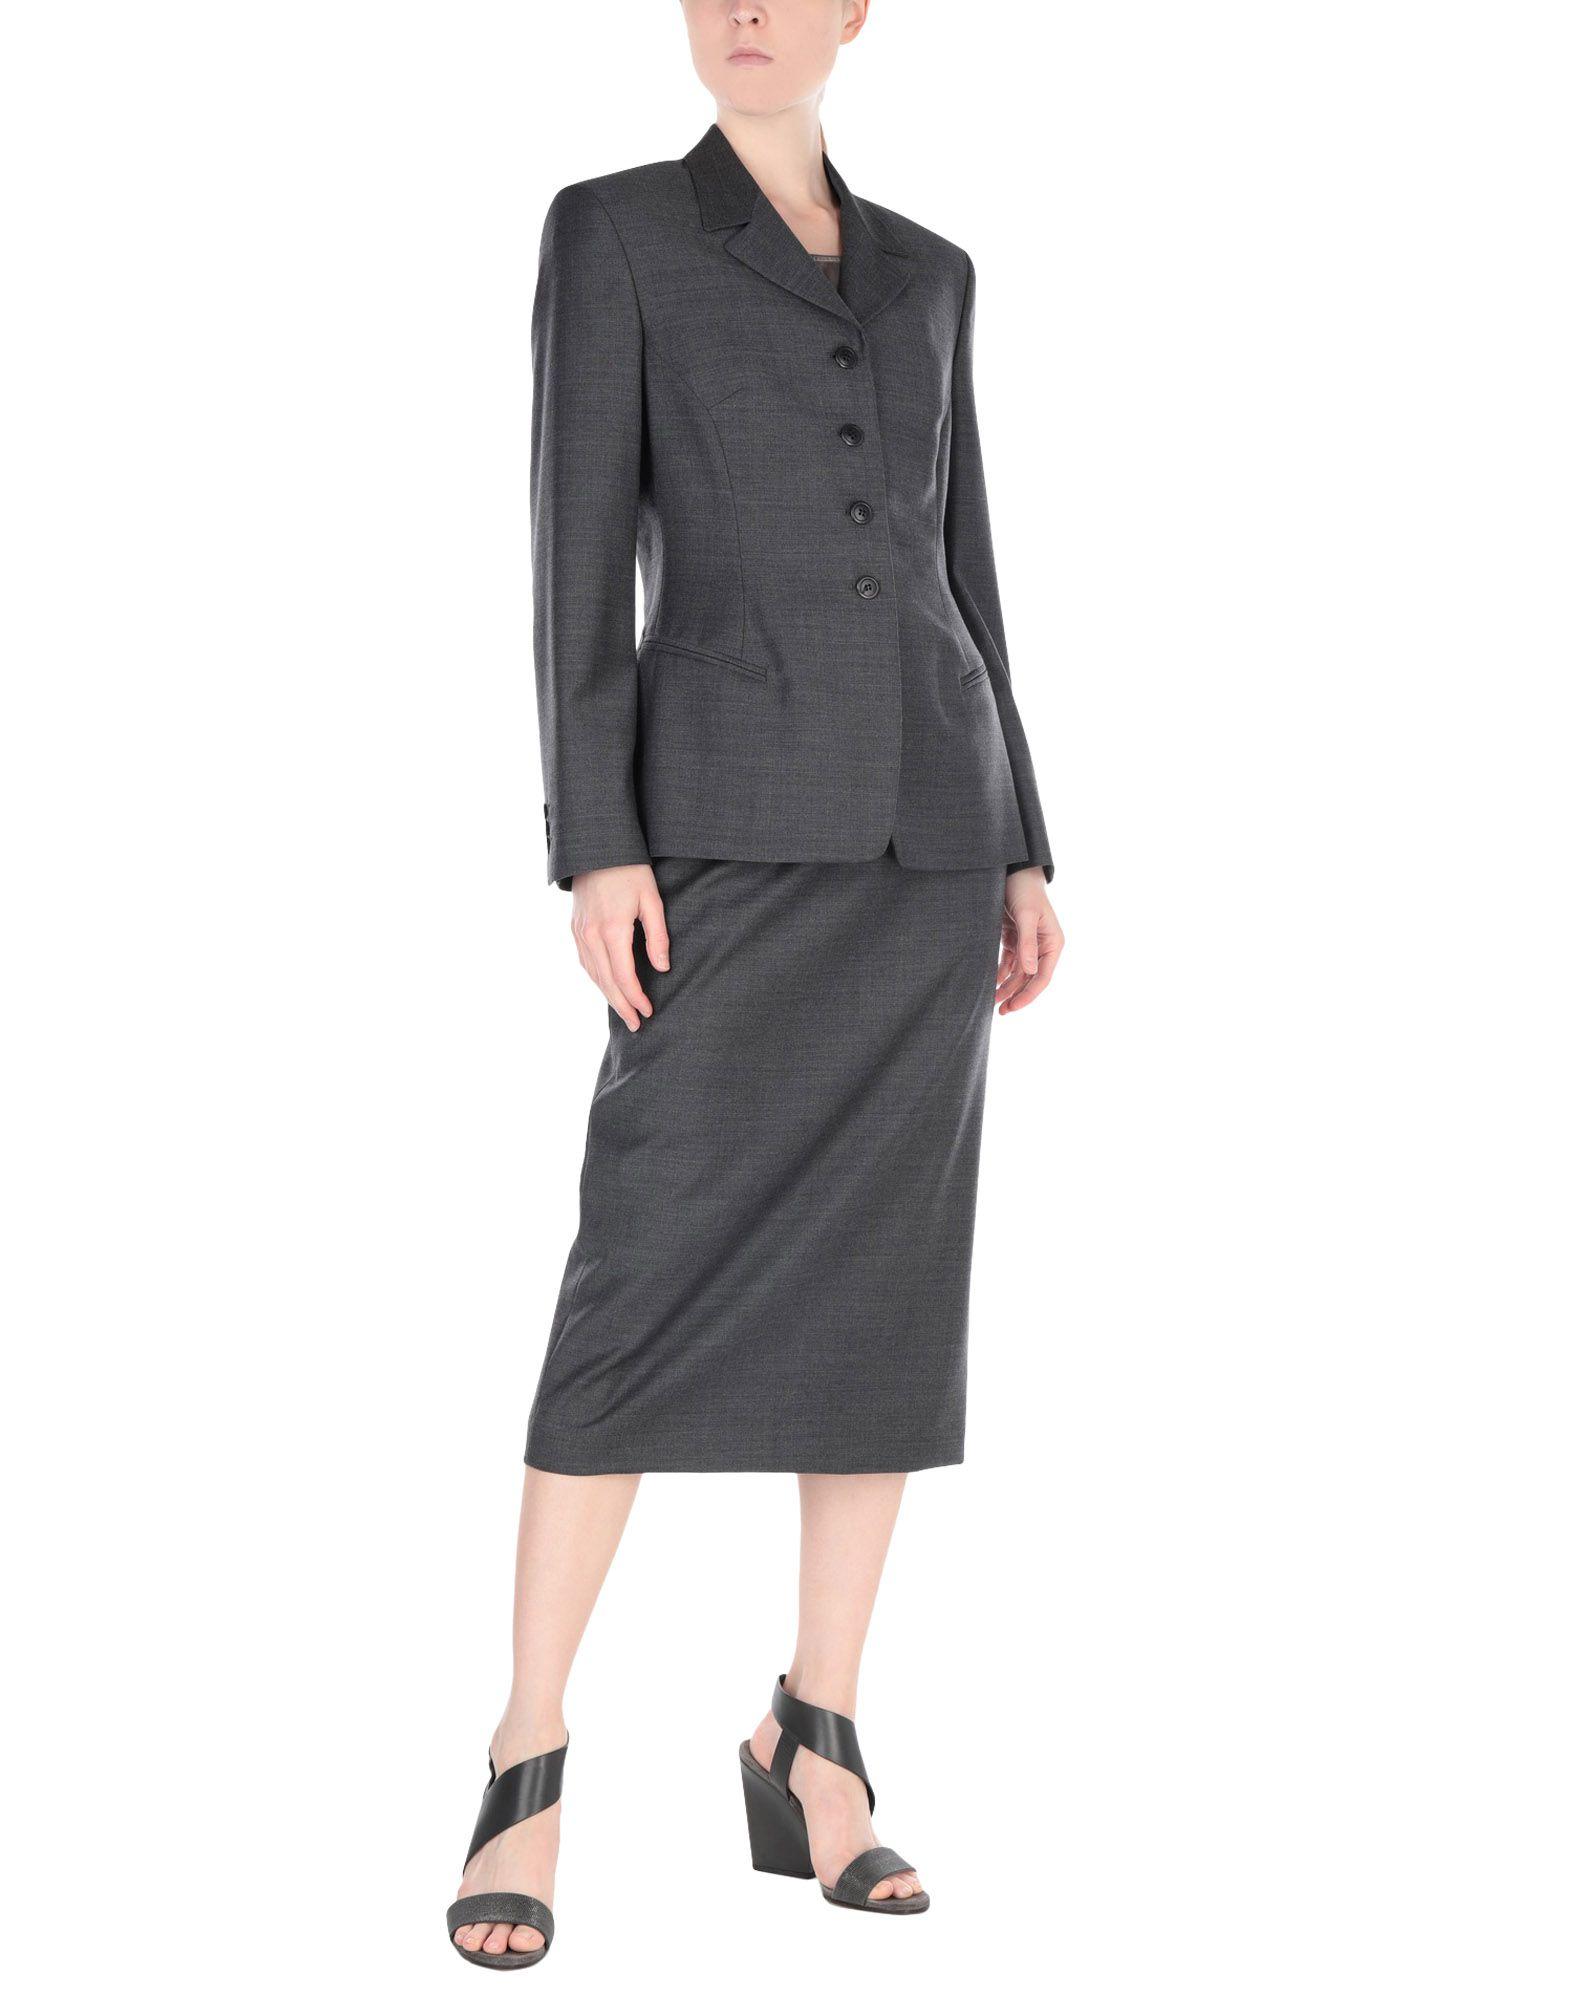 ANDERSON Классический костюм классический галстук аксессуар robe длинные tie костюм диагональные полосы терилен